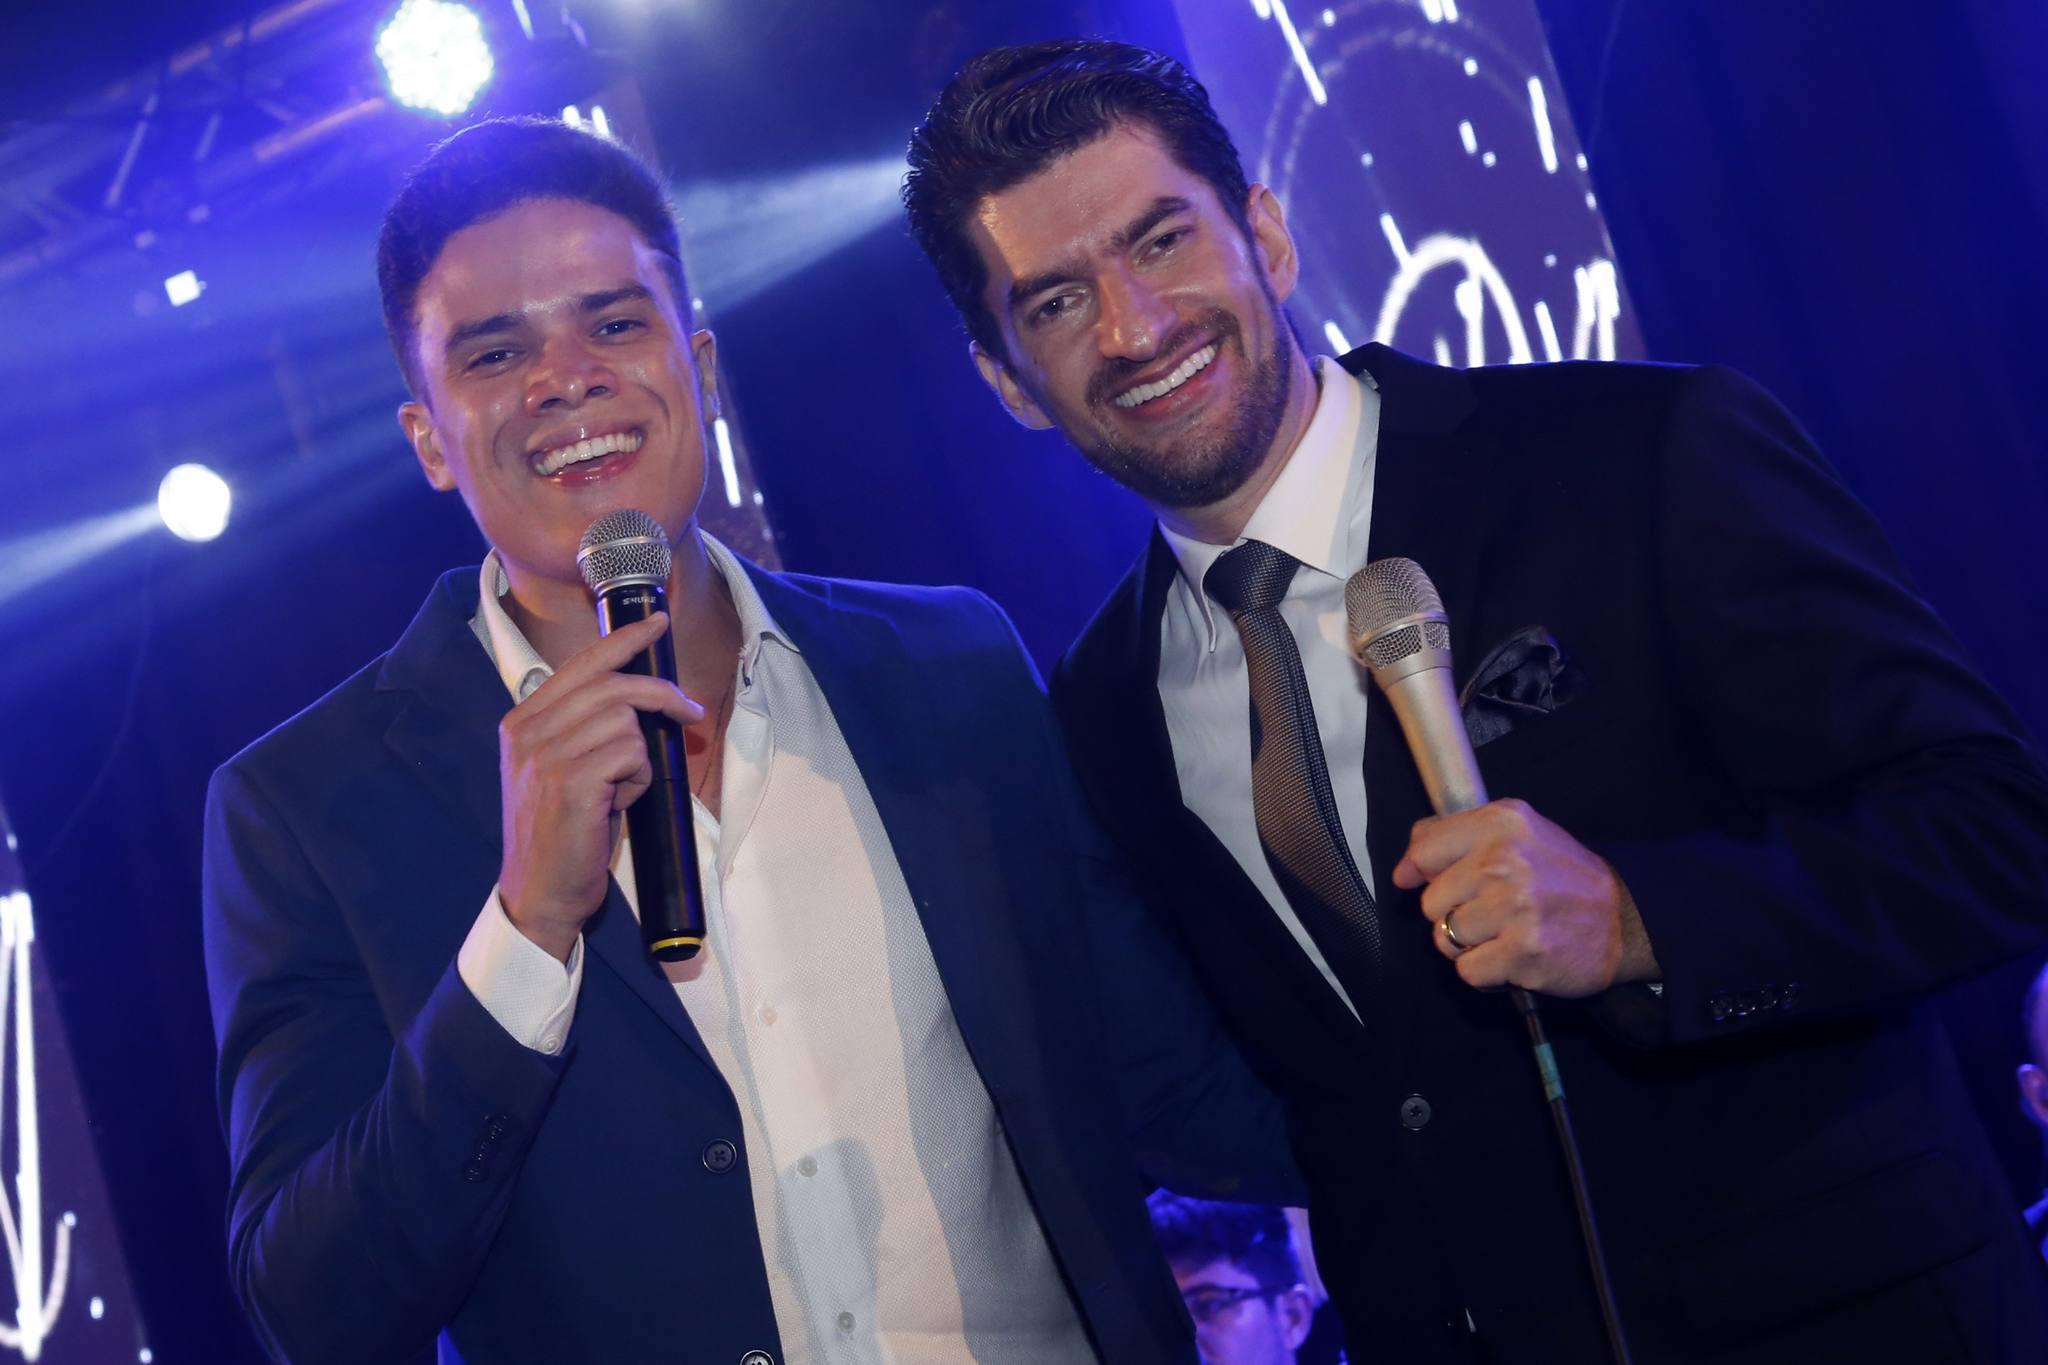 Virada de ano em Fortaleza terá Especial transmitido por TVs públicas. Confira as atrações